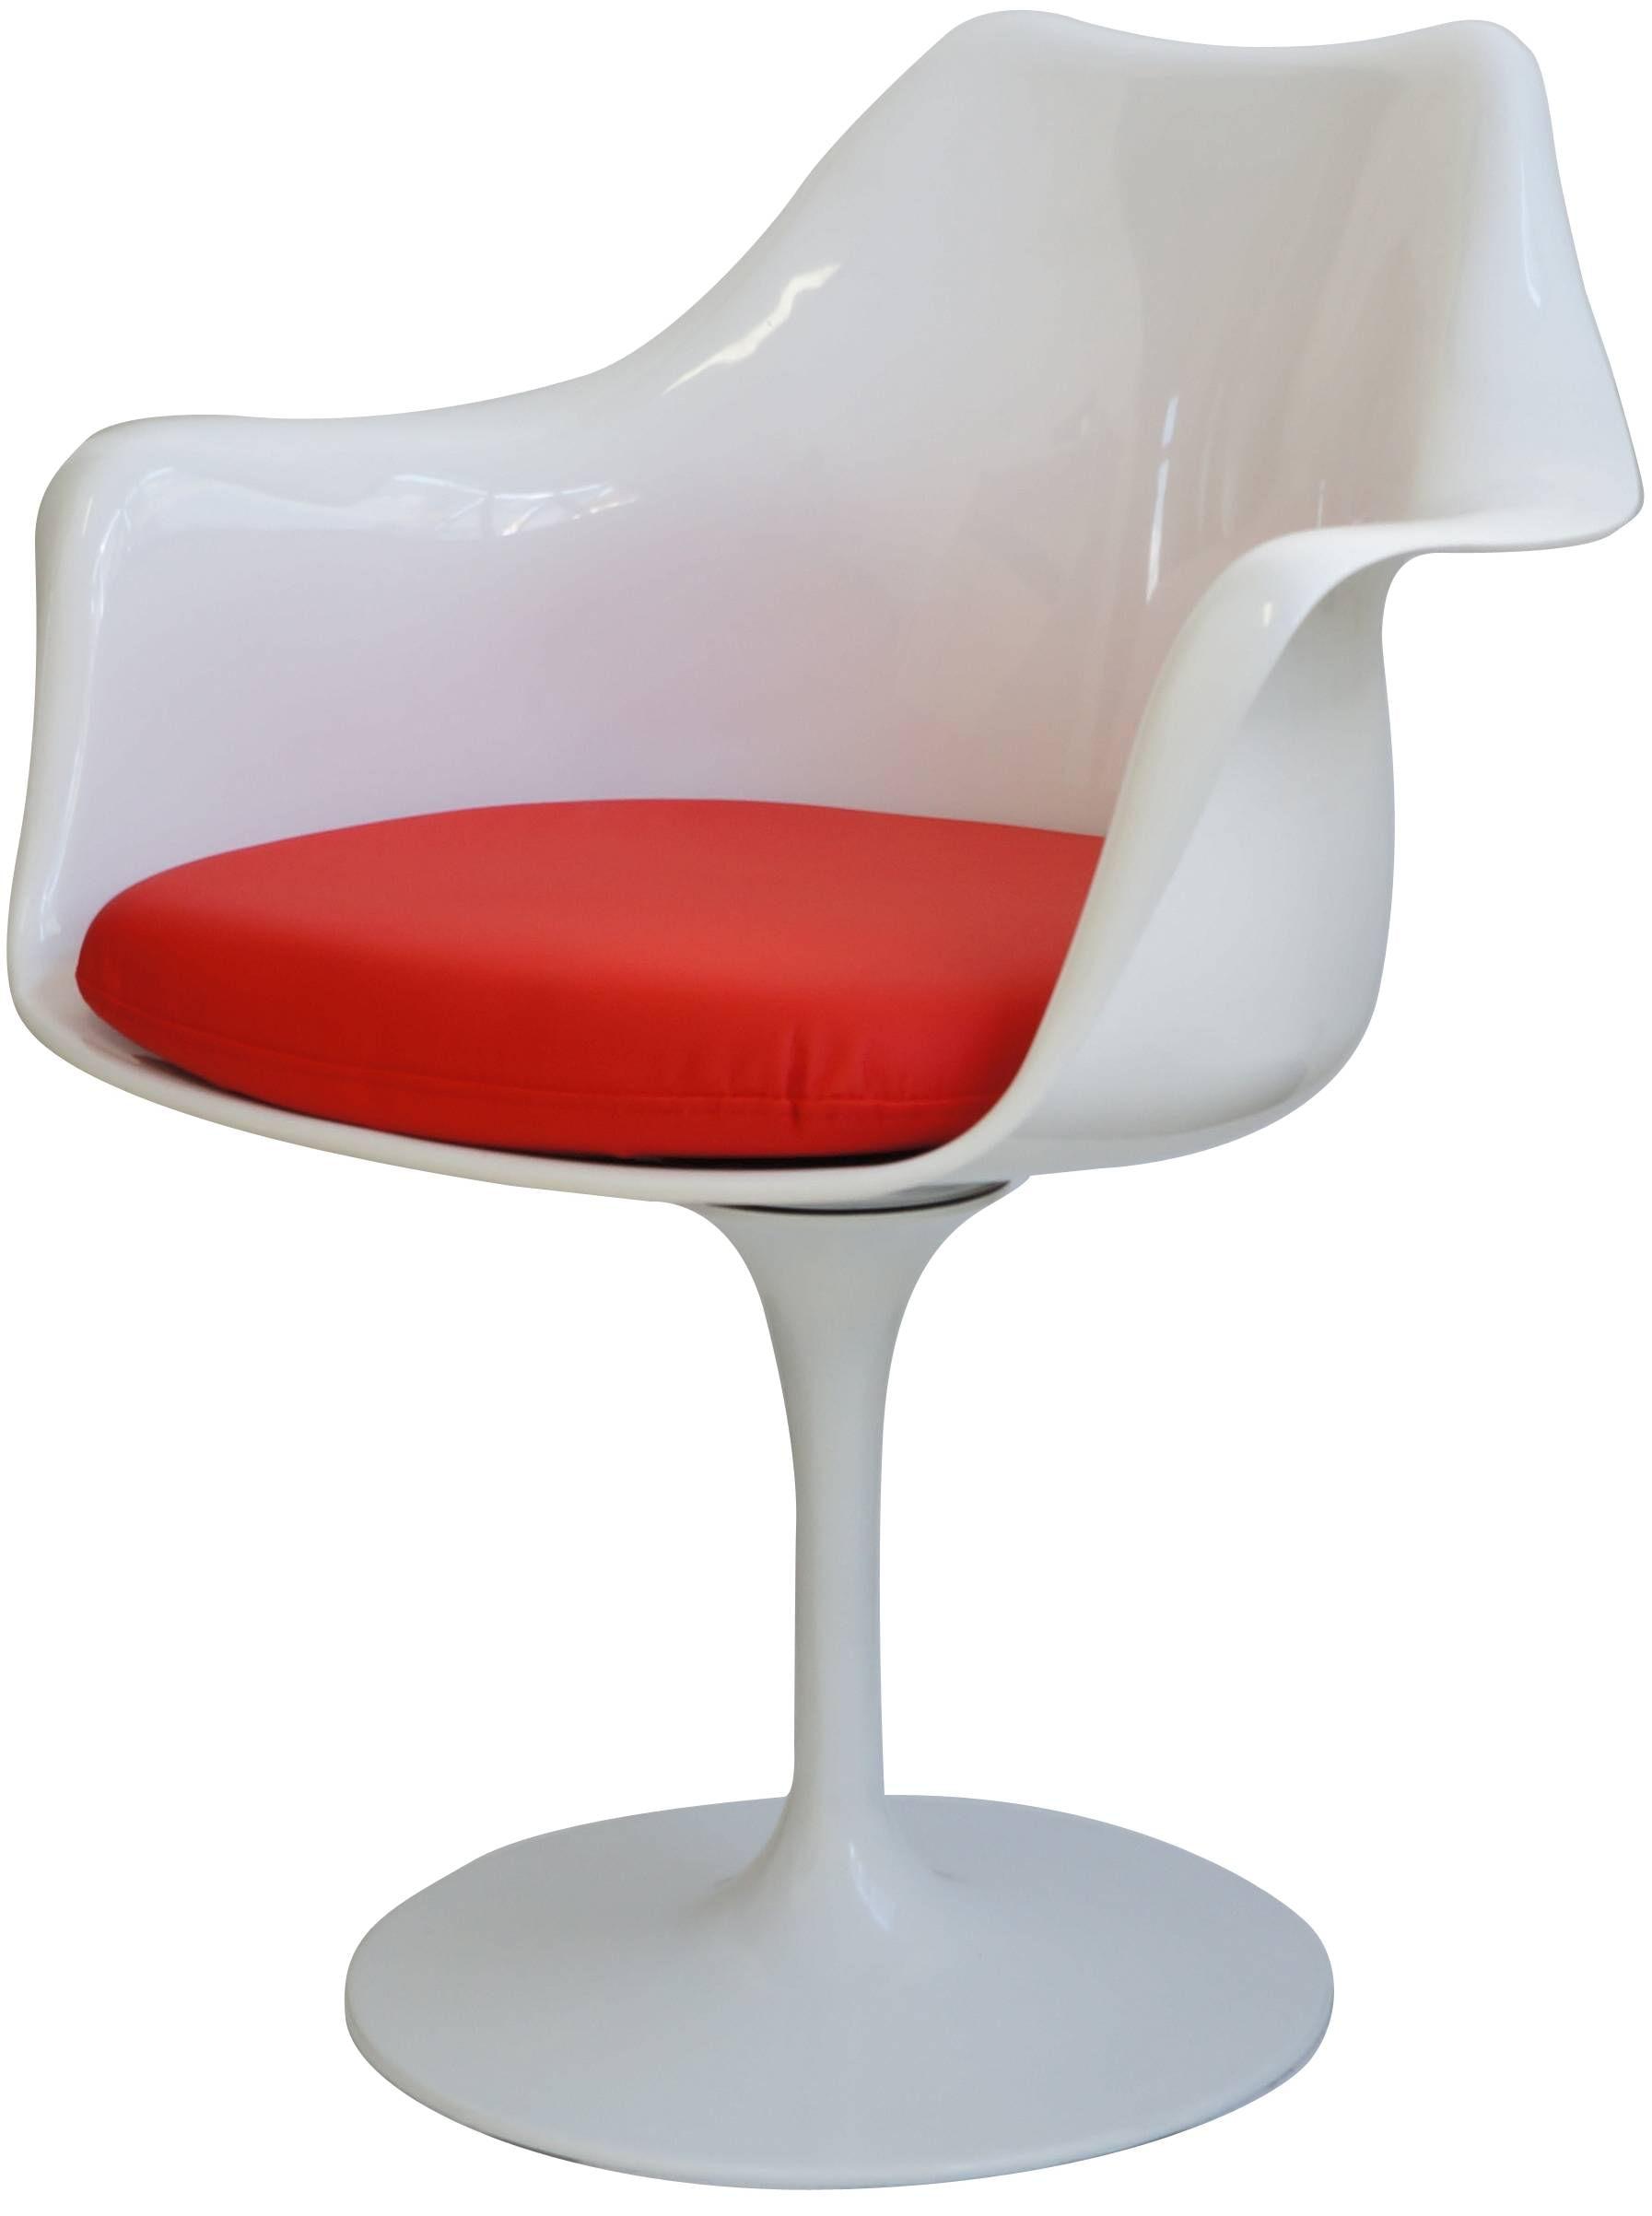 Cadeira Saarinen Branco com Braco (Almofada Vermelha) -15055